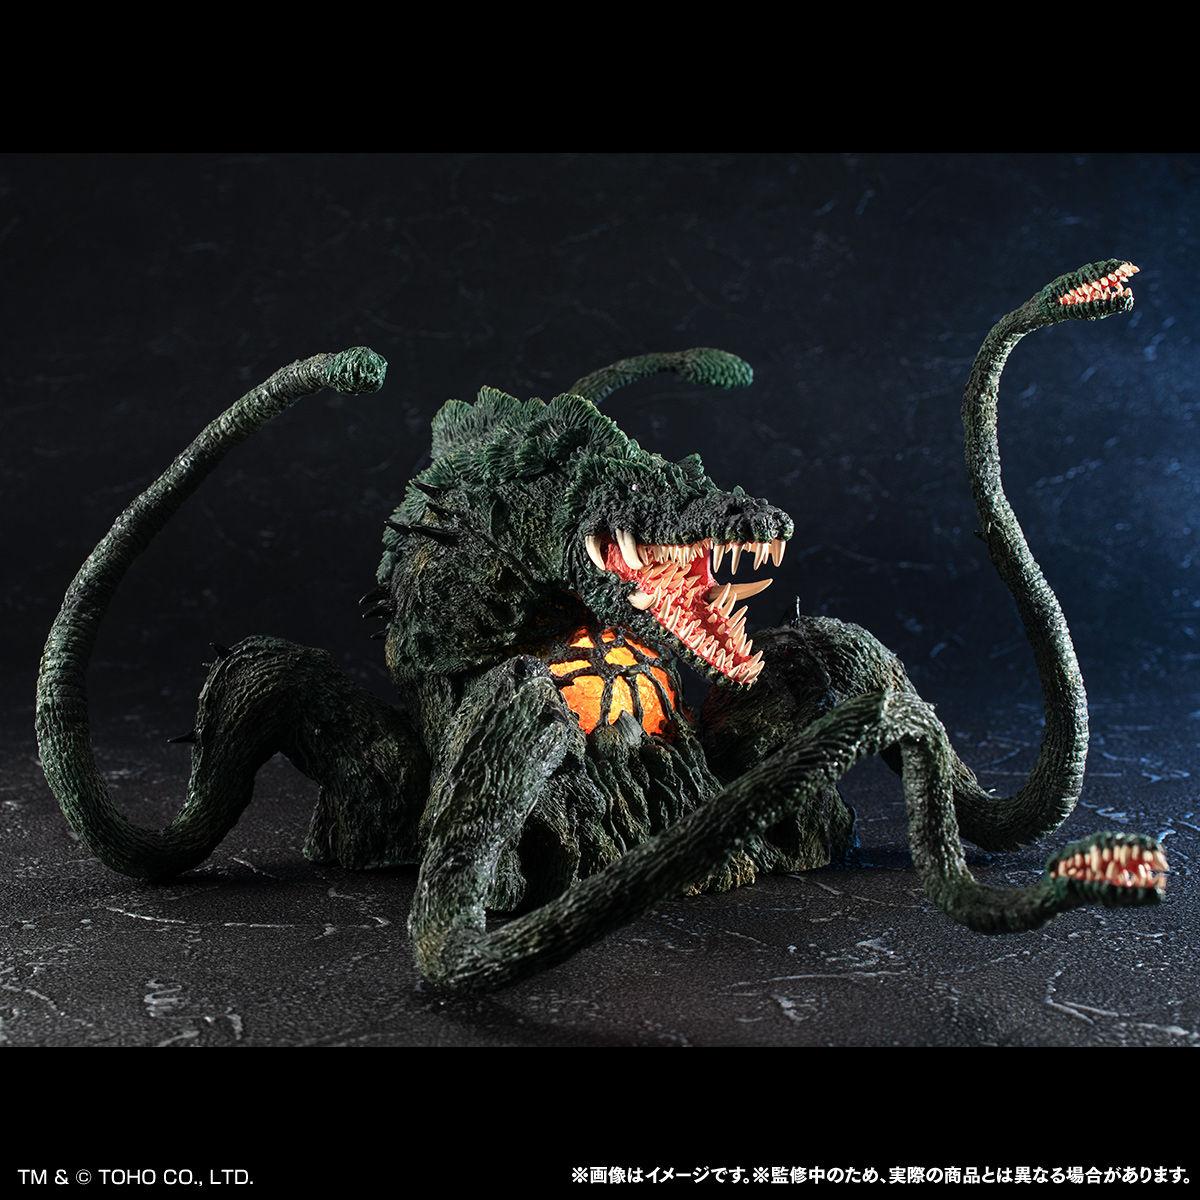 【限定販売】ゴジラvsビオランテ『HG D+EX ビオランテ(植獣形態)』完成品フィギュア-001